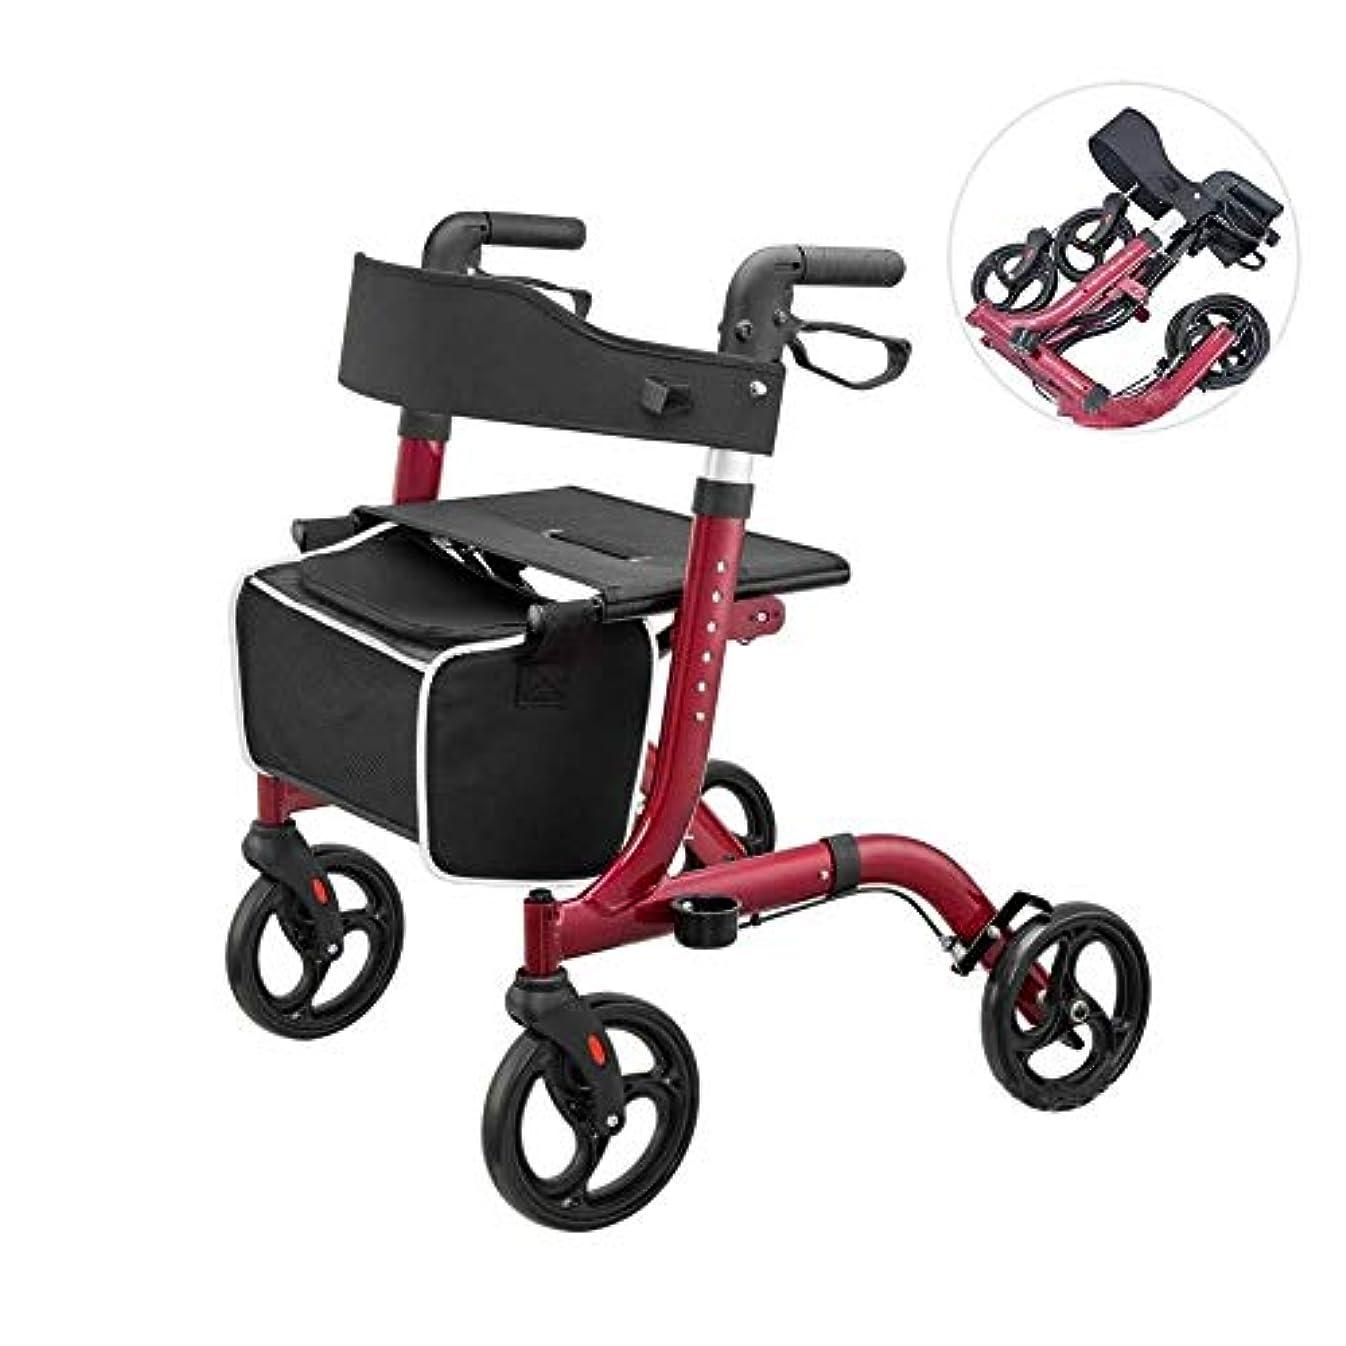 手伝う予言する自分の障害者および老人用の座席と買い物かごを備えた軽量折りたたみ式歩行器